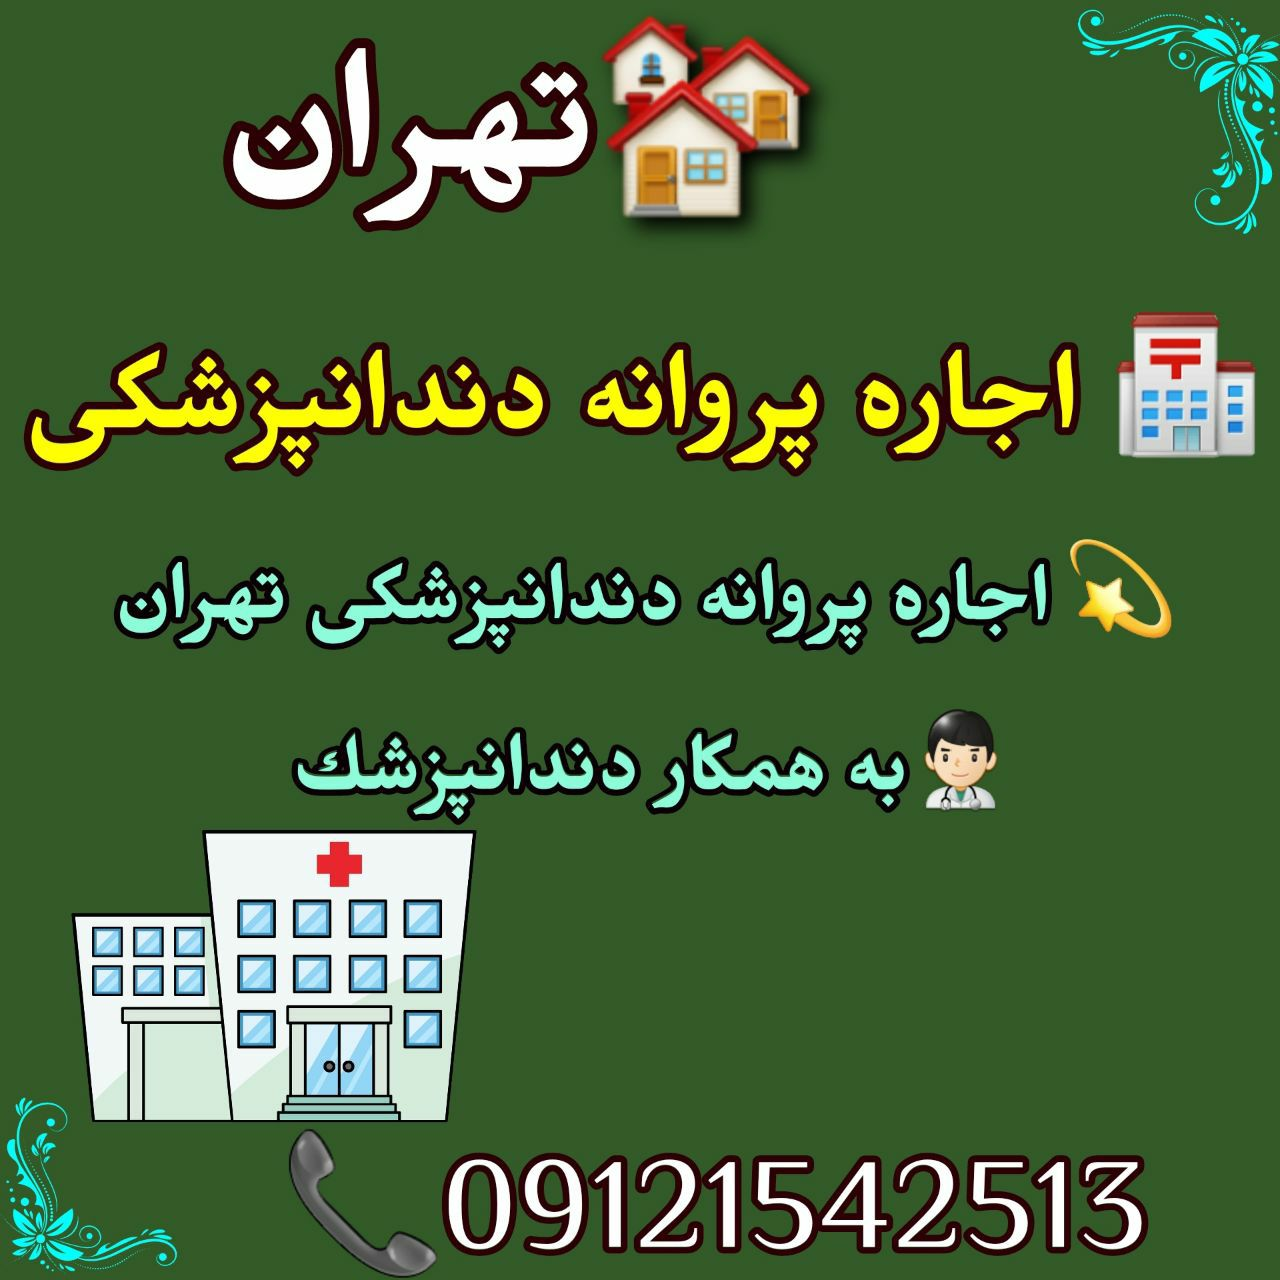 تهران: اجاره پروانه دندانپزشکی